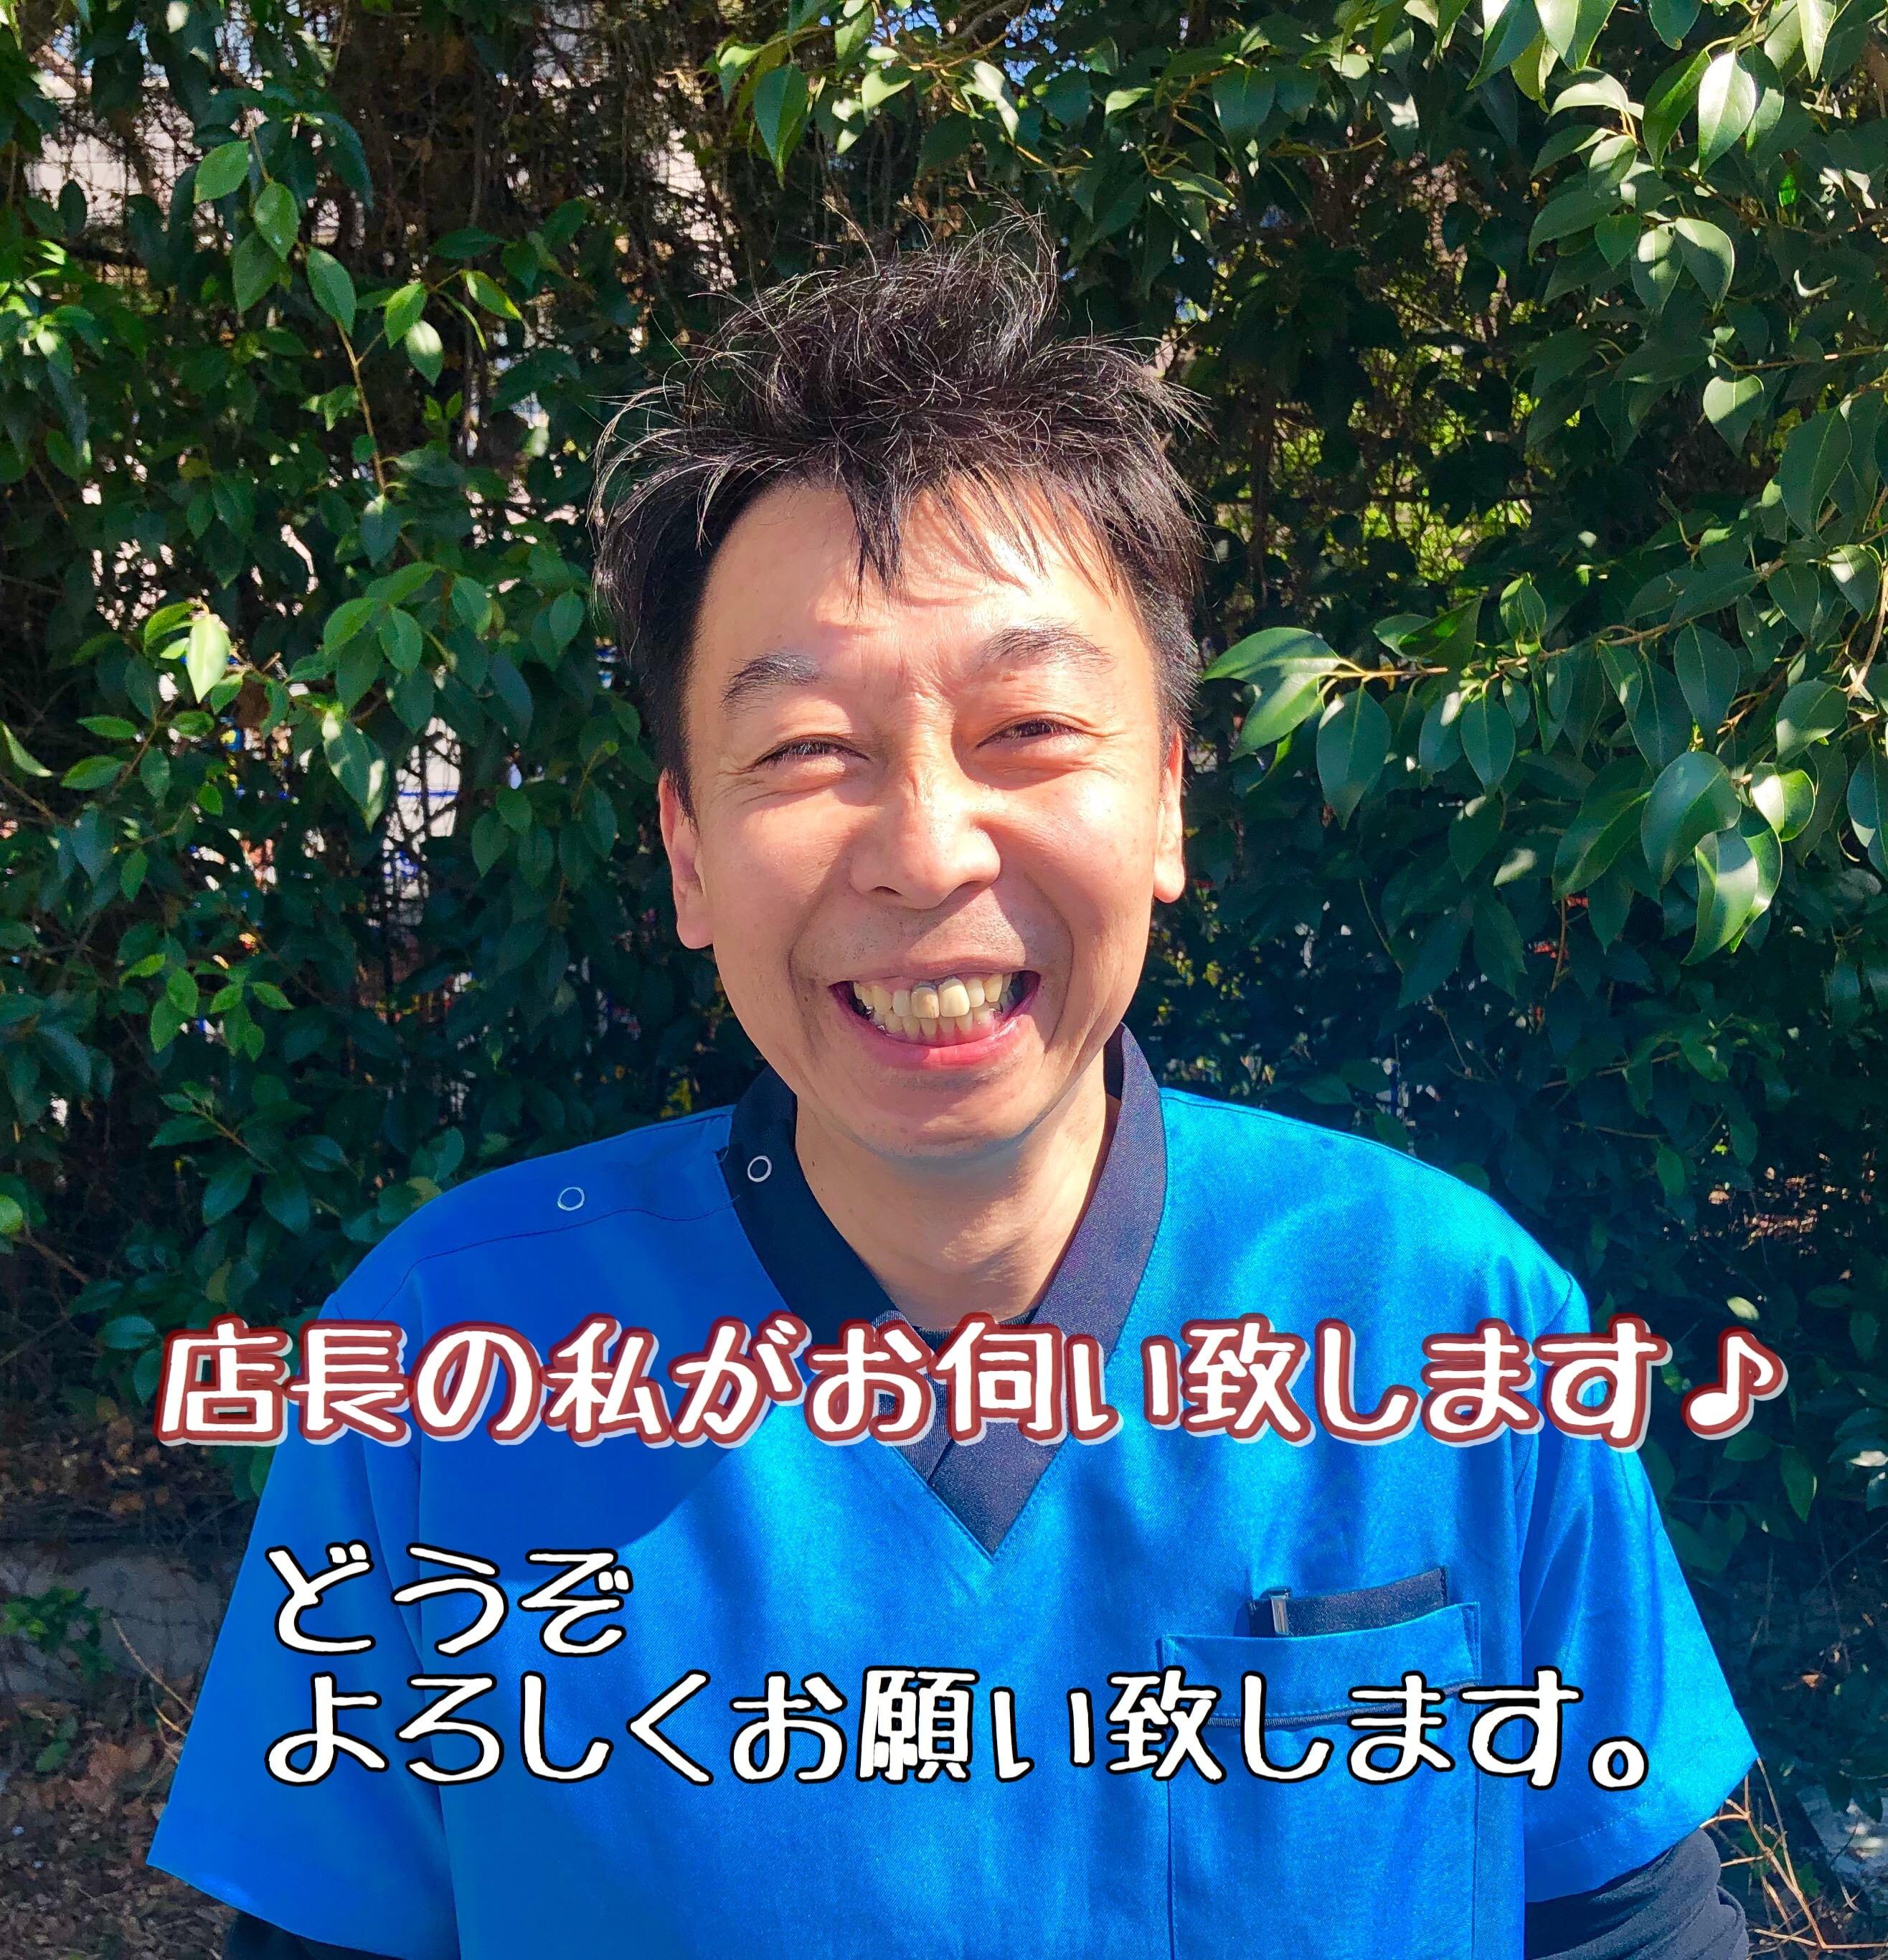 大田区 川崎◉白っぽく濁るお湯からホッとする透明なお湯へ♪のイメージその2